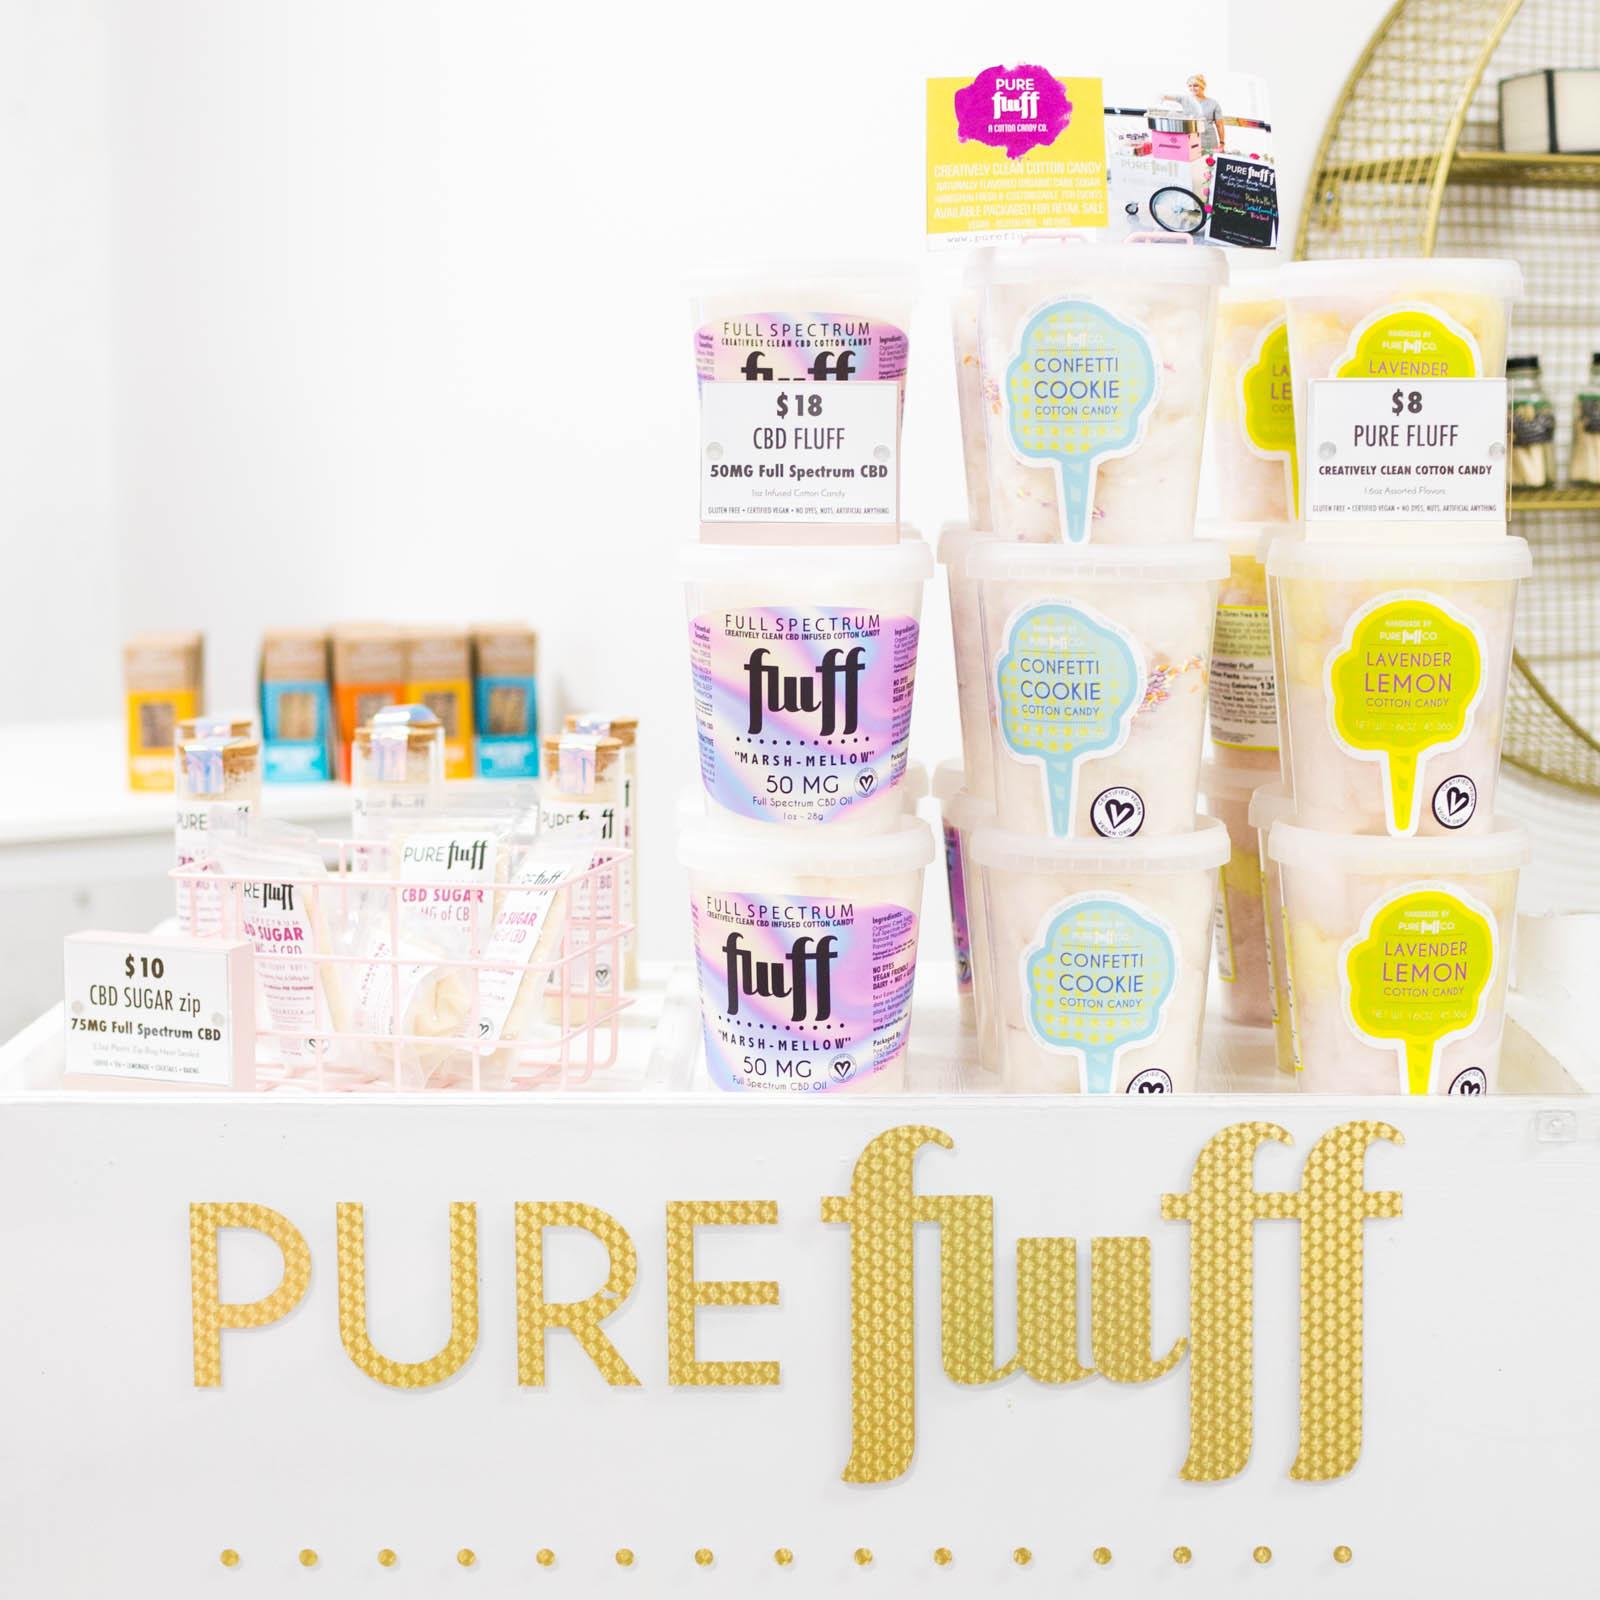 Pure Fluff Co.